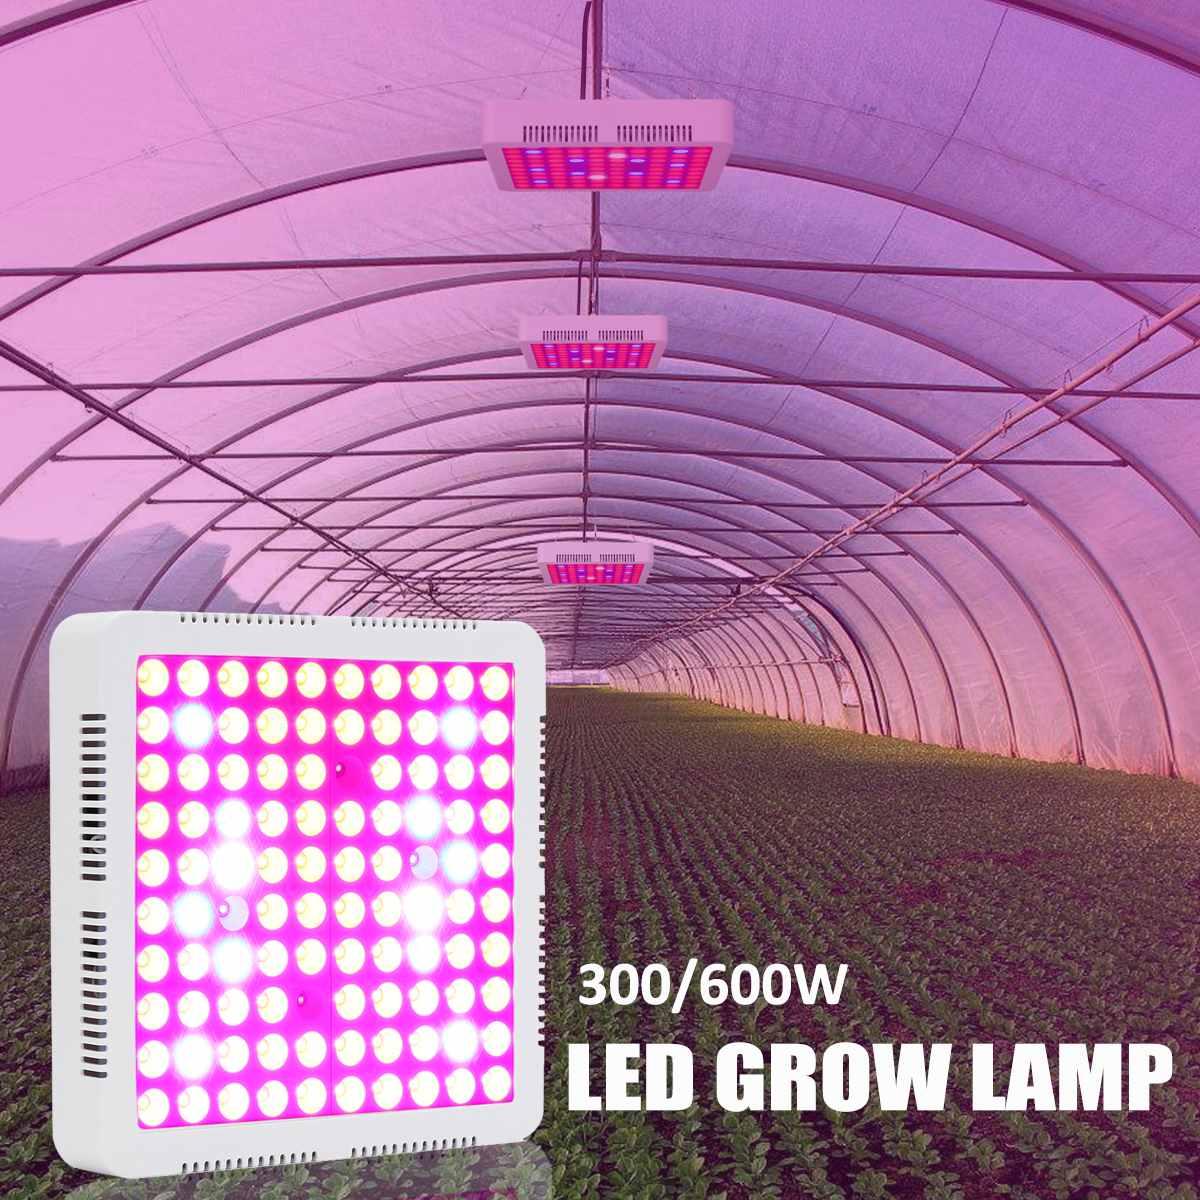 Plein spectre 100 LED S plante poussent lumière LED pour les serres graines fleur Veg hydroponique plante d'intérieur floraison croissance 600 W